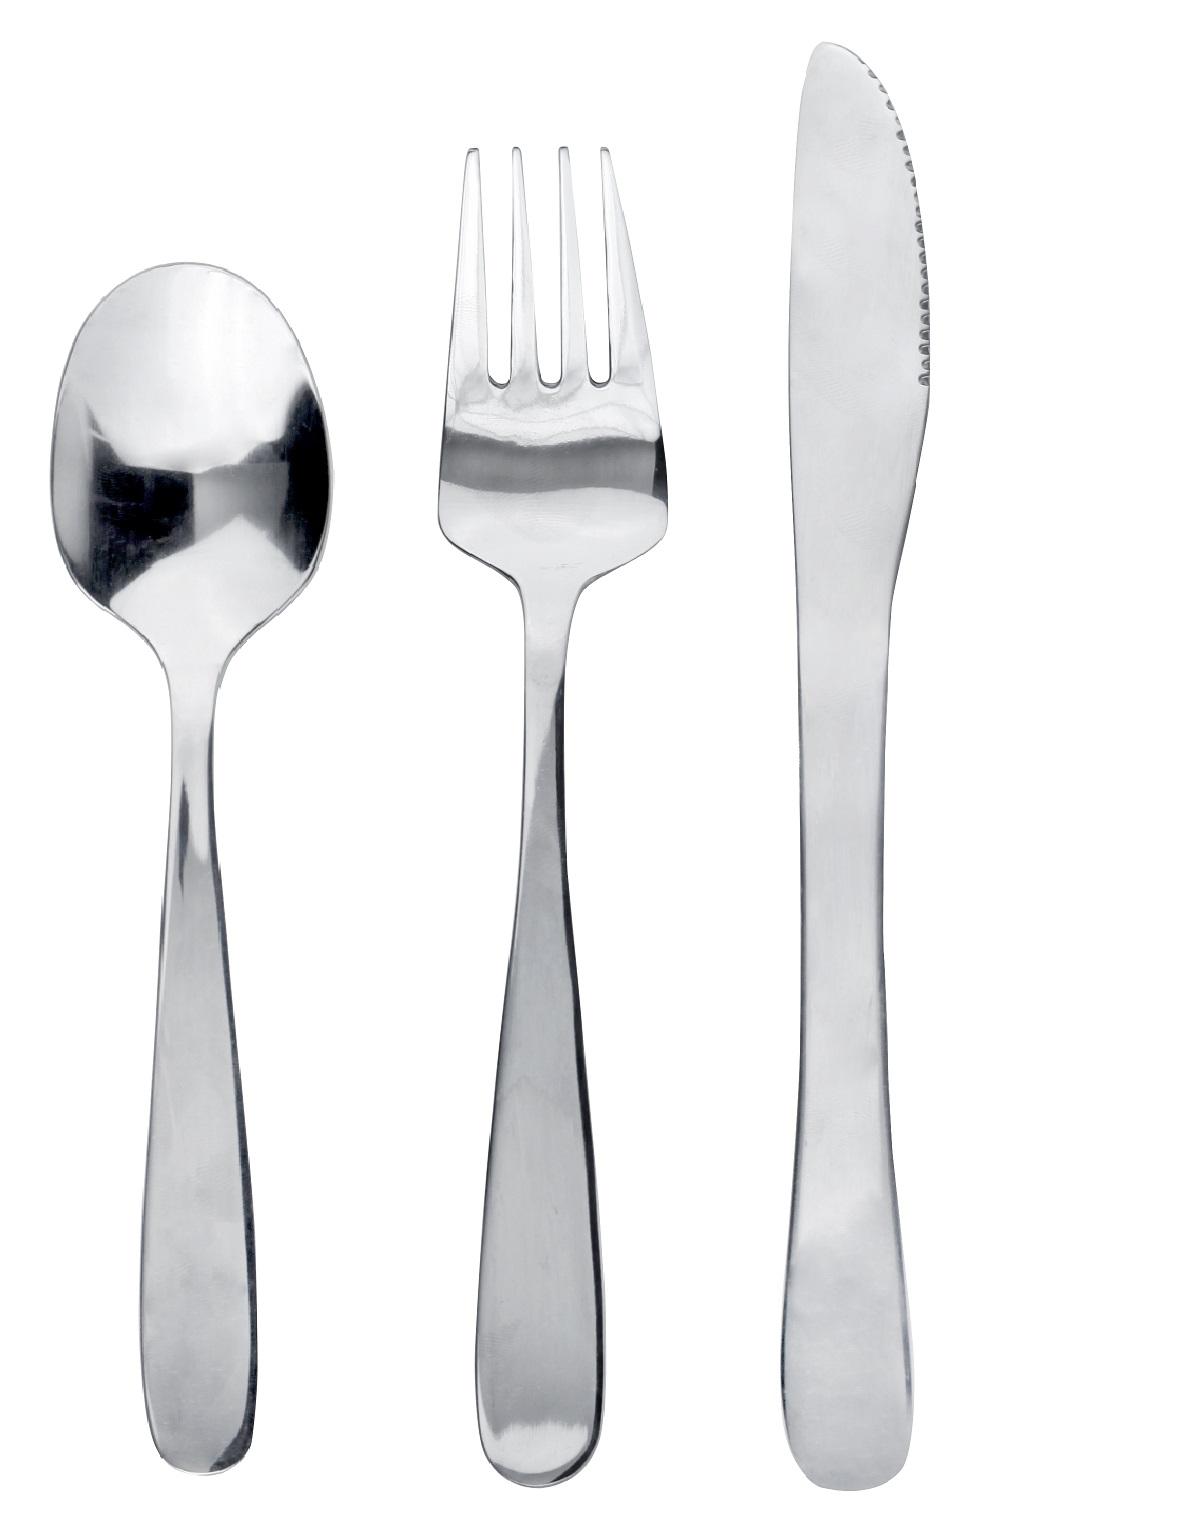 Набор десертный Avia, ложка 14 см, вилка 16.5 см, нож 18 см, нержавеющая сталь